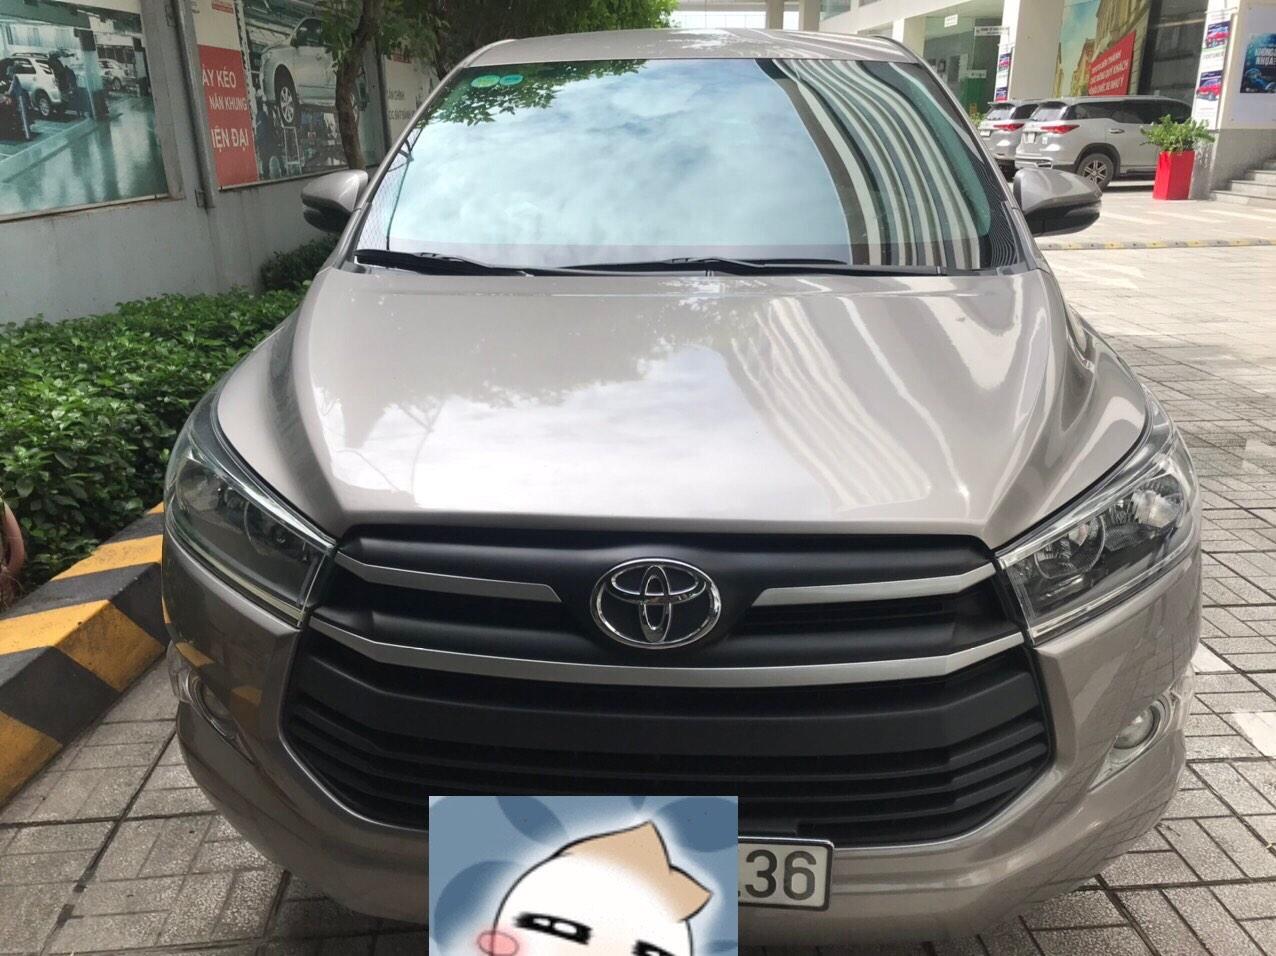 Toyota Innova 2.0E màu đồng ánh kim Odo 22k bao test hãng Toyota